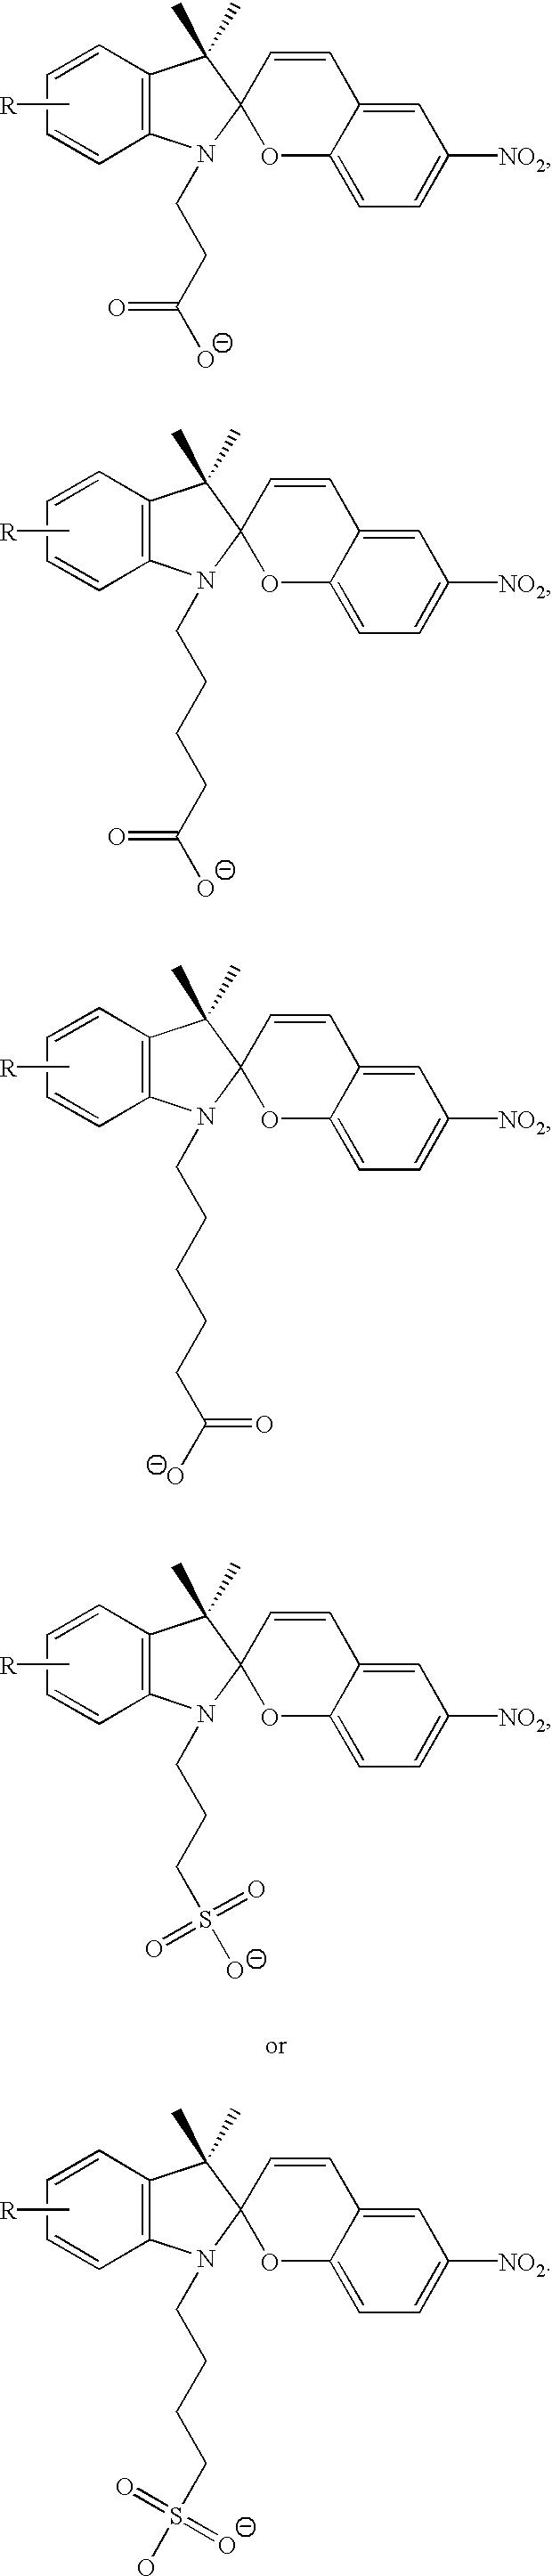 Figure US06549327-20030415-C00031